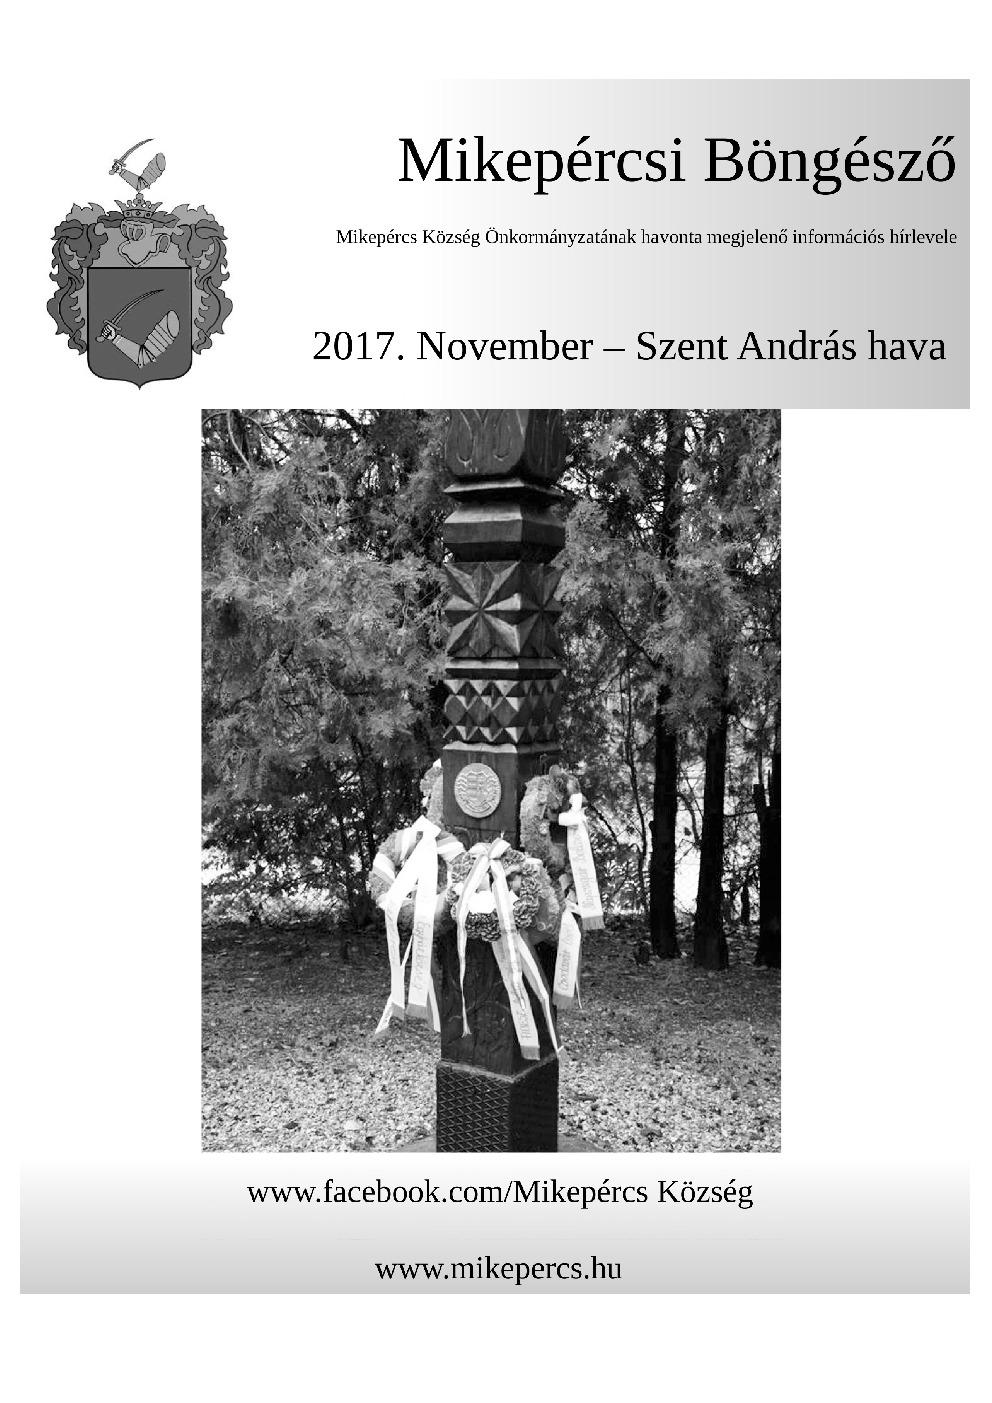 Mikepércsi Böngésző 2017. November